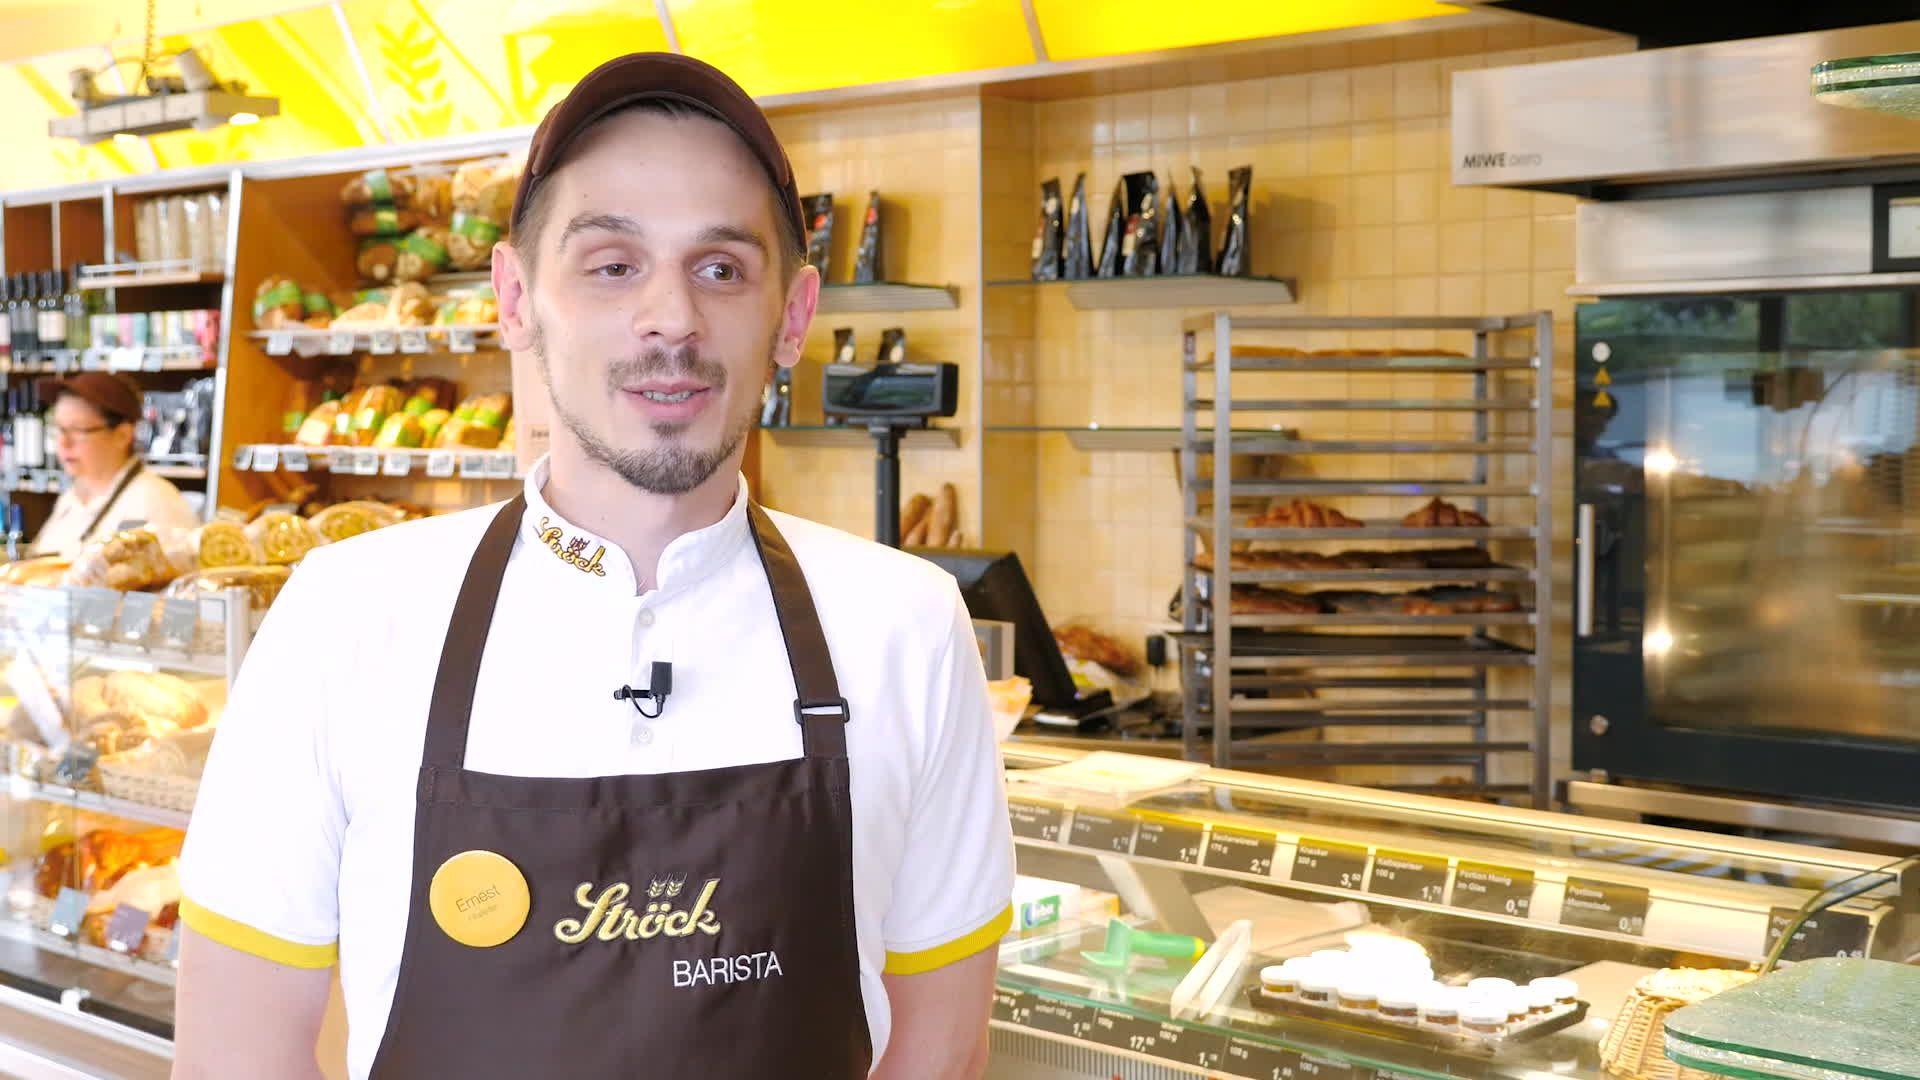 Stefano Salvi, Executive Chef | whatchado